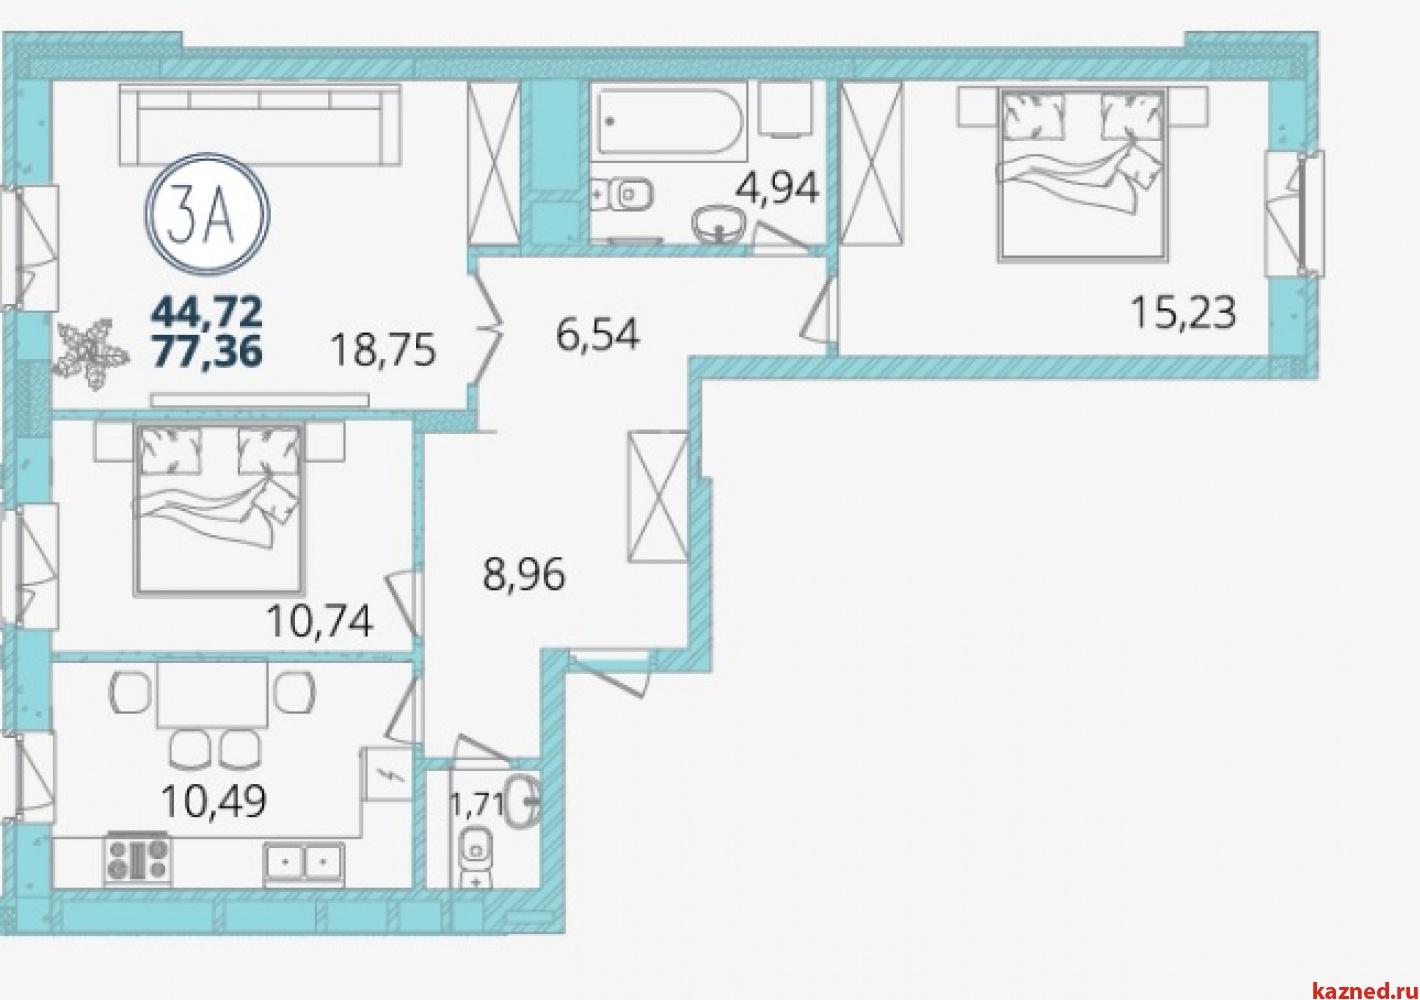 Продажа 3-к квартиры Дубравная 28а, 77 м2  (миниатюра №7)